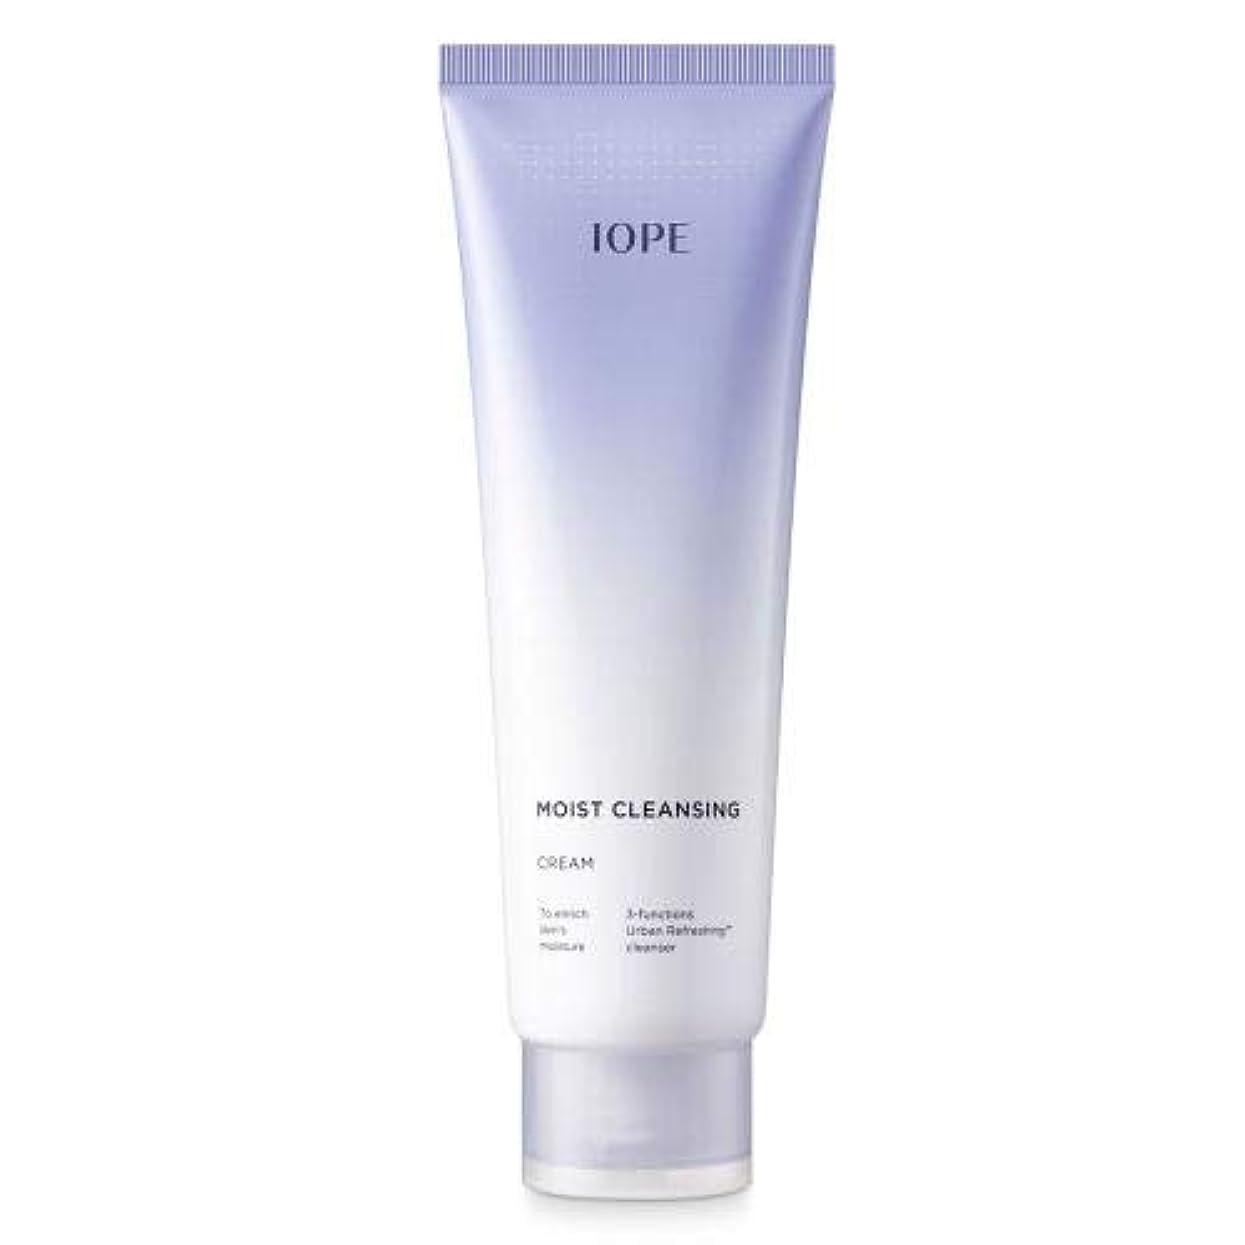 最小化するキャプテンアカウントアイオペ(IOPE) モイストクレンジング ホイッピングフォーム 洗顔 180ml